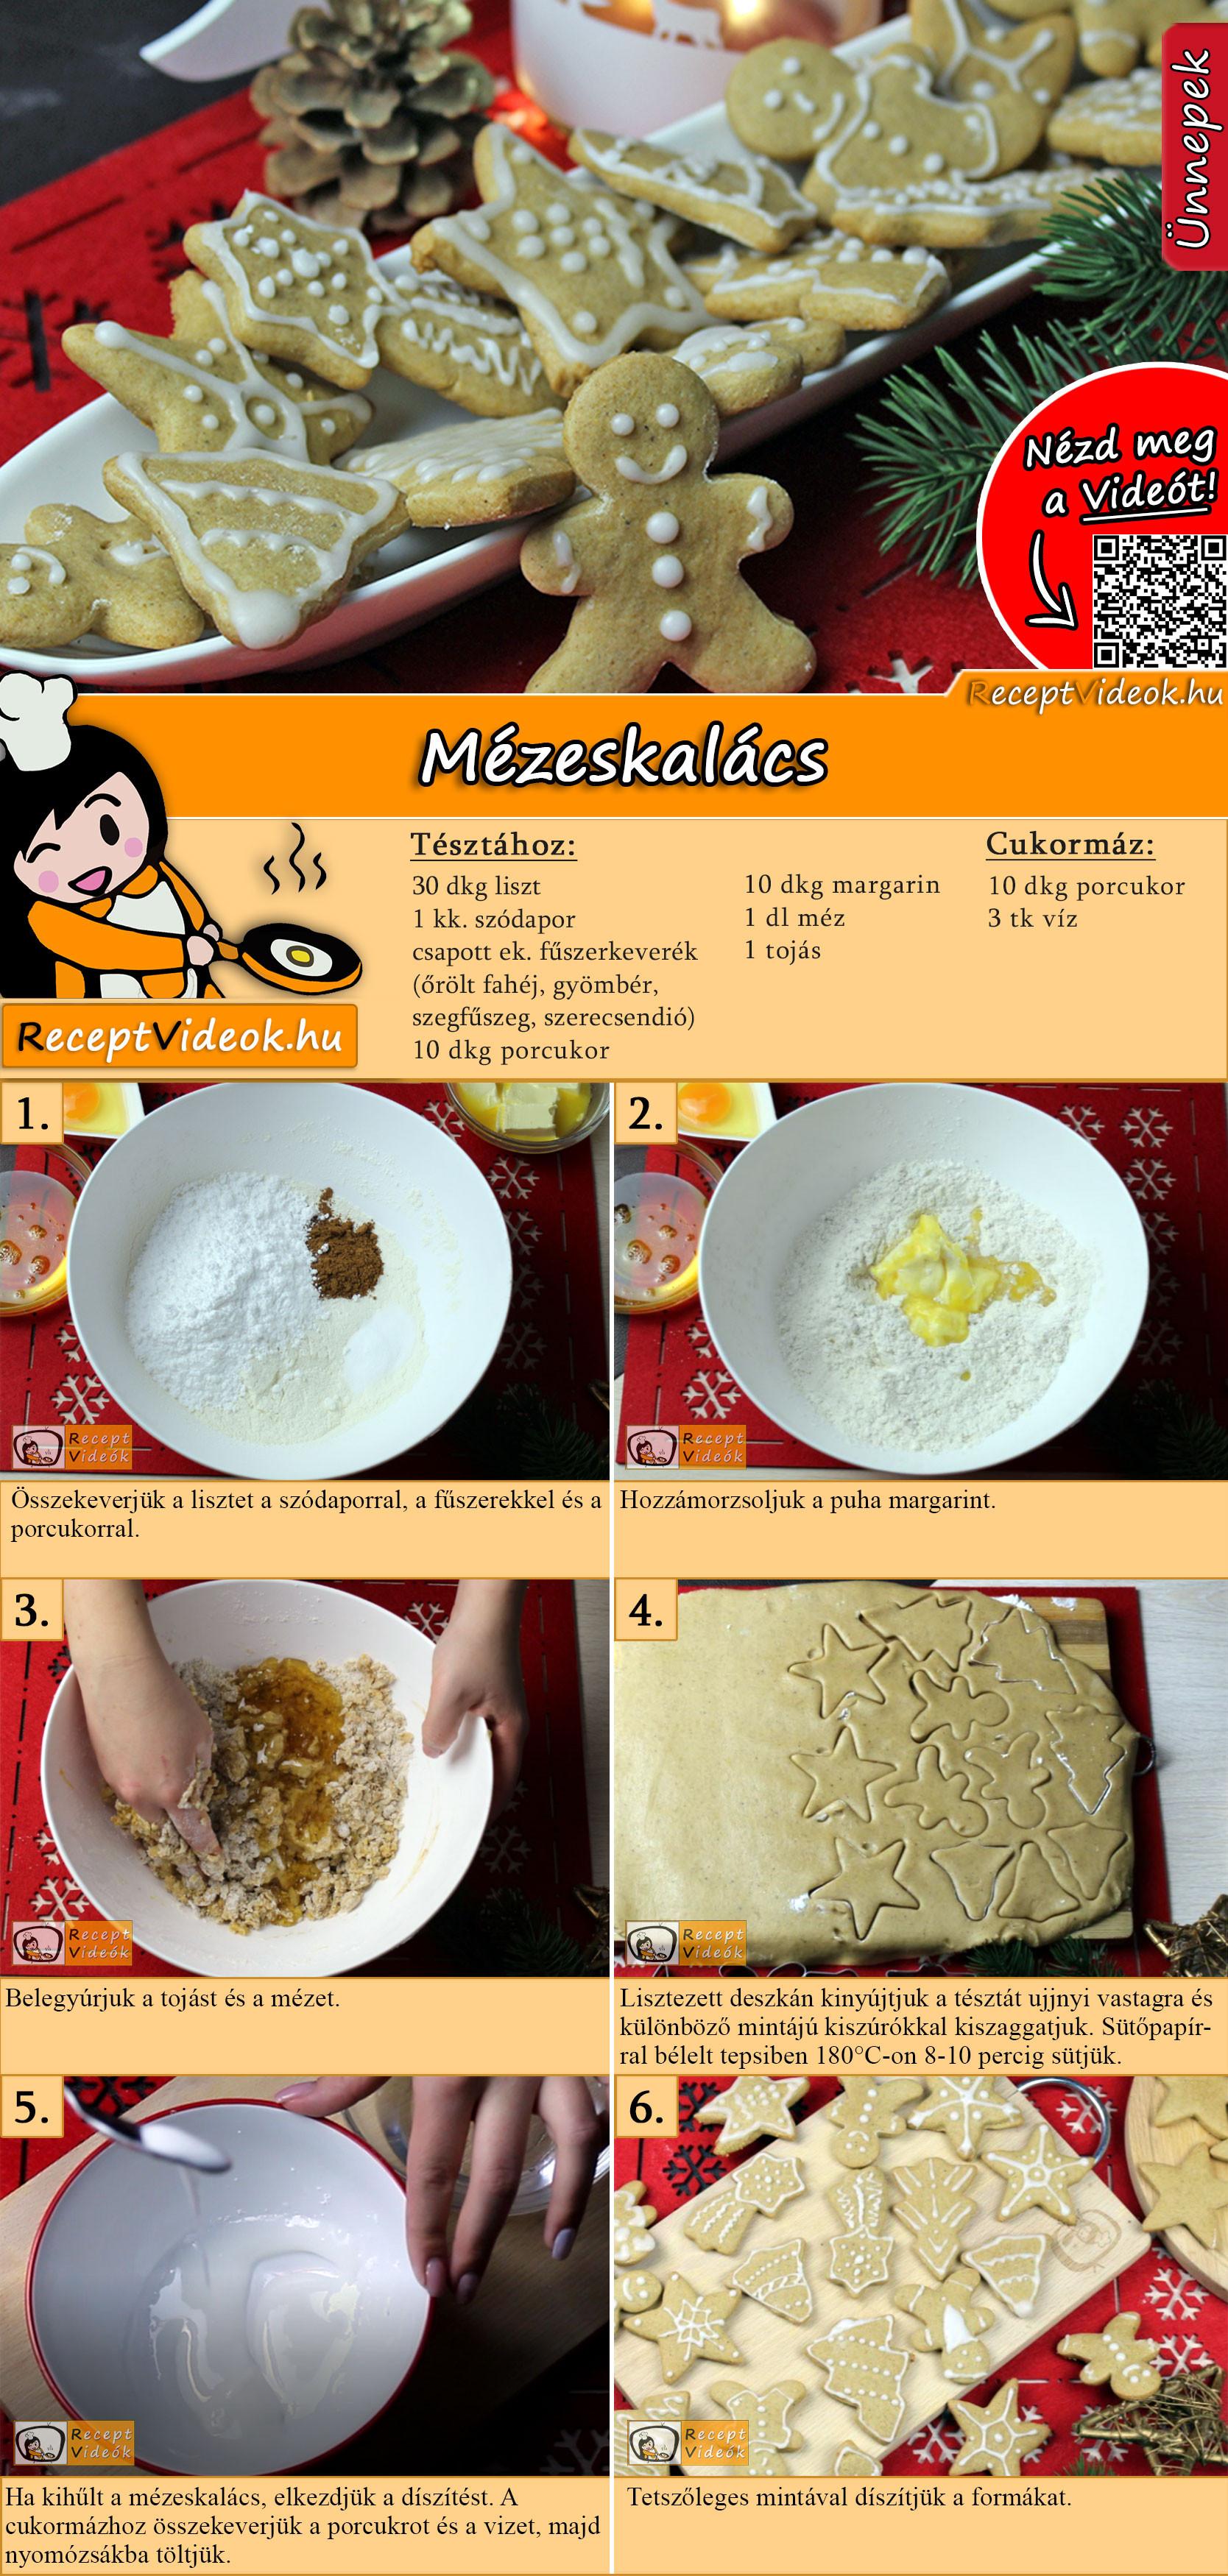 Mézeskalács recept elkészítése videóval